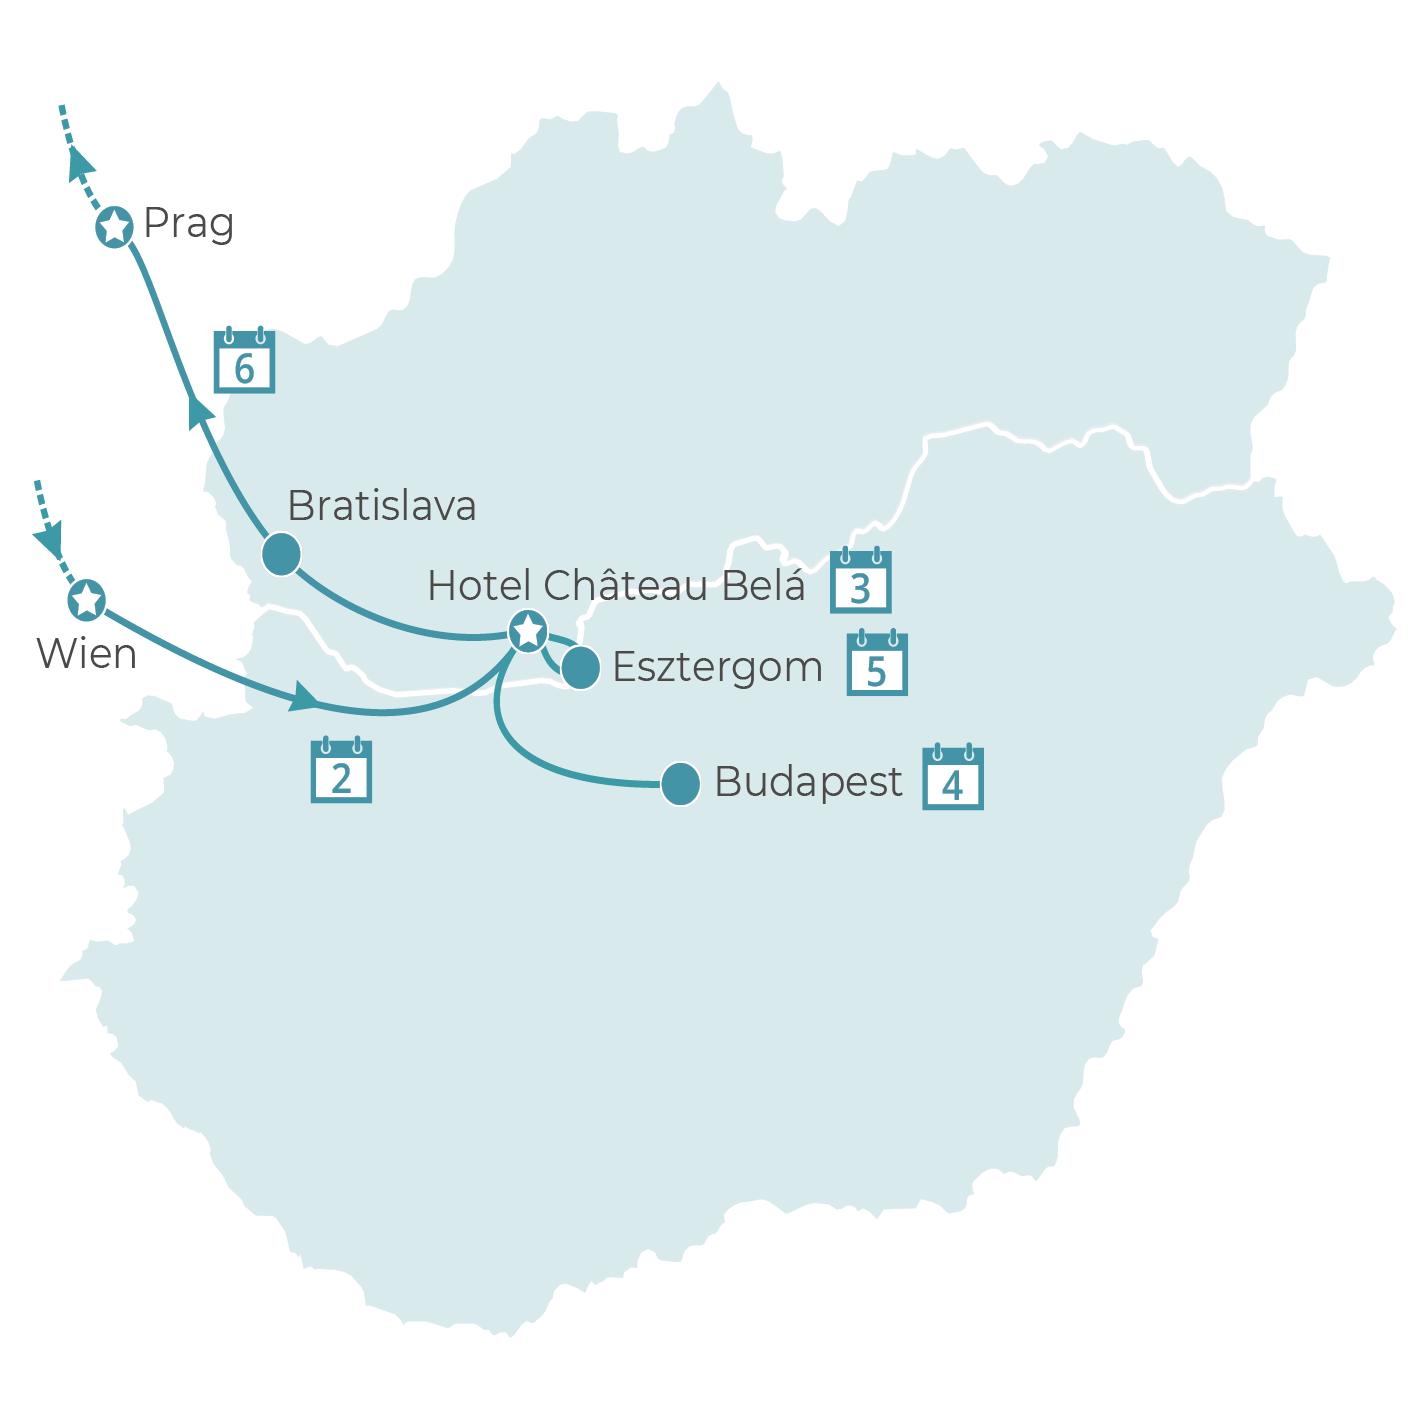 königliche Hauptstädte der Donau im Schlosshotel Château Belá